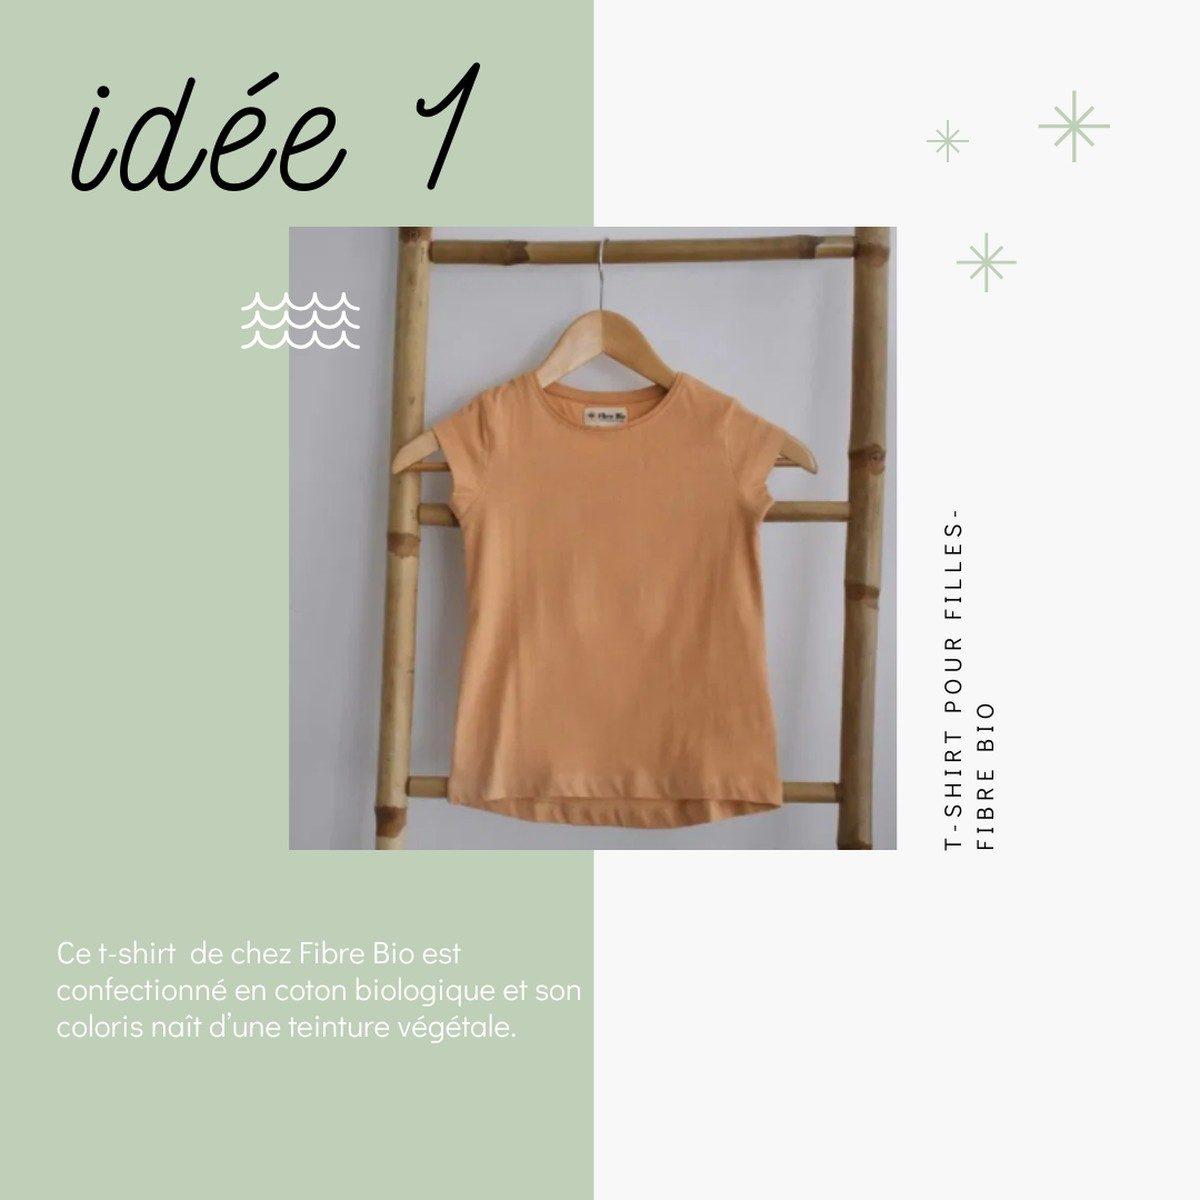 Idées de cadeaux slow fashion et déco à prix doux pour Noël - T-shirt coton bio - Fibre Bio